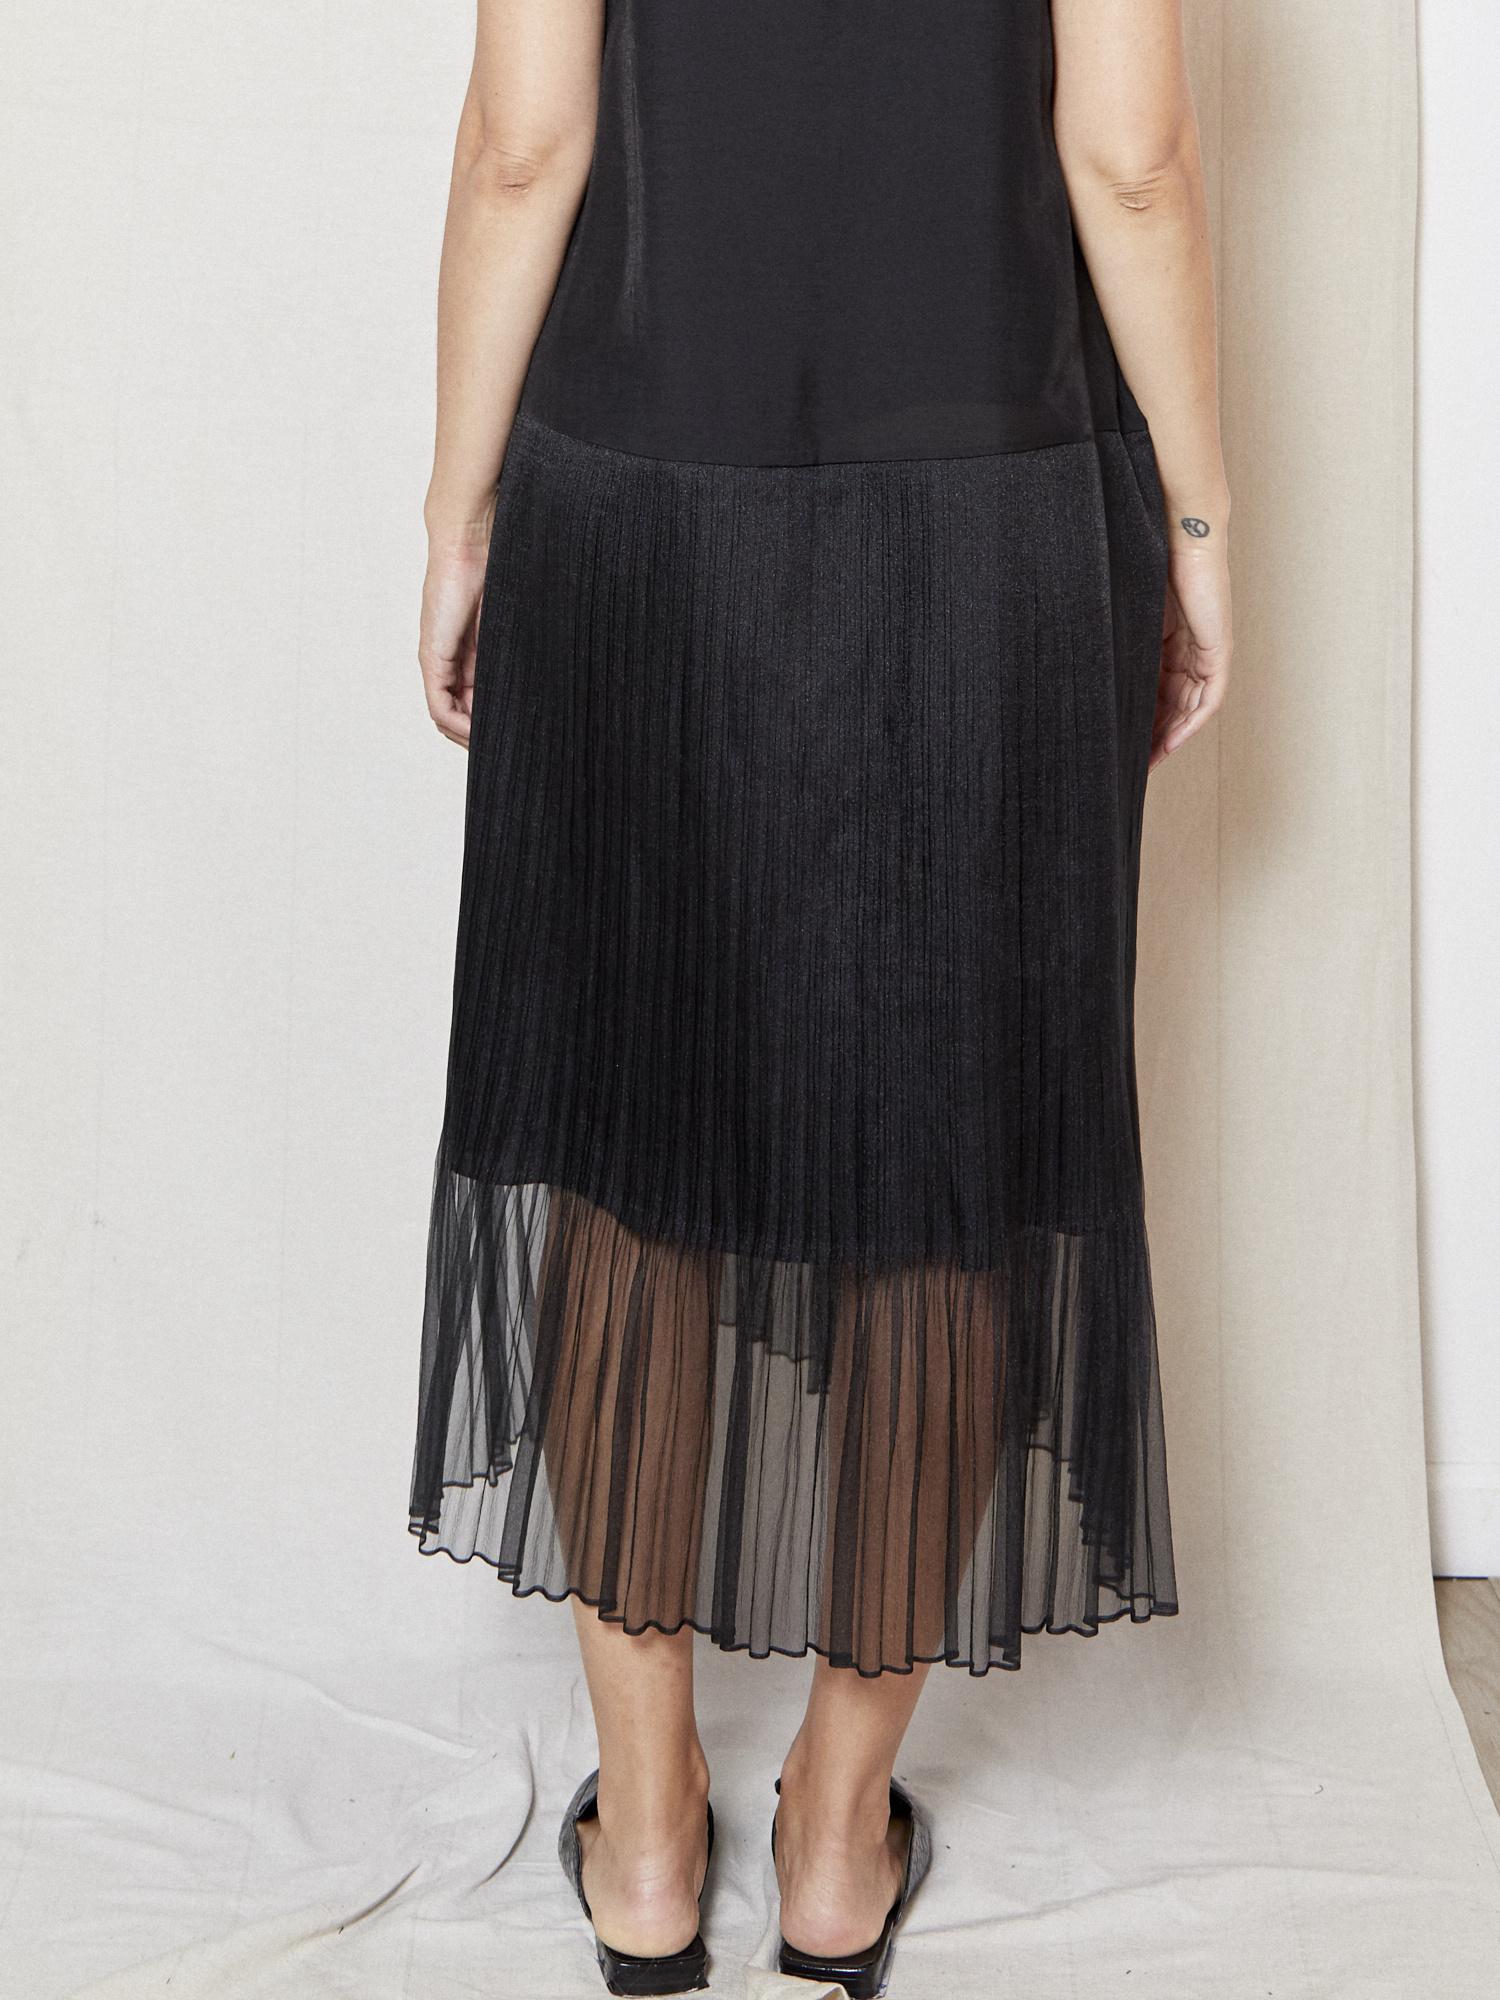 d.r concept Effortless Black Tulle Dress